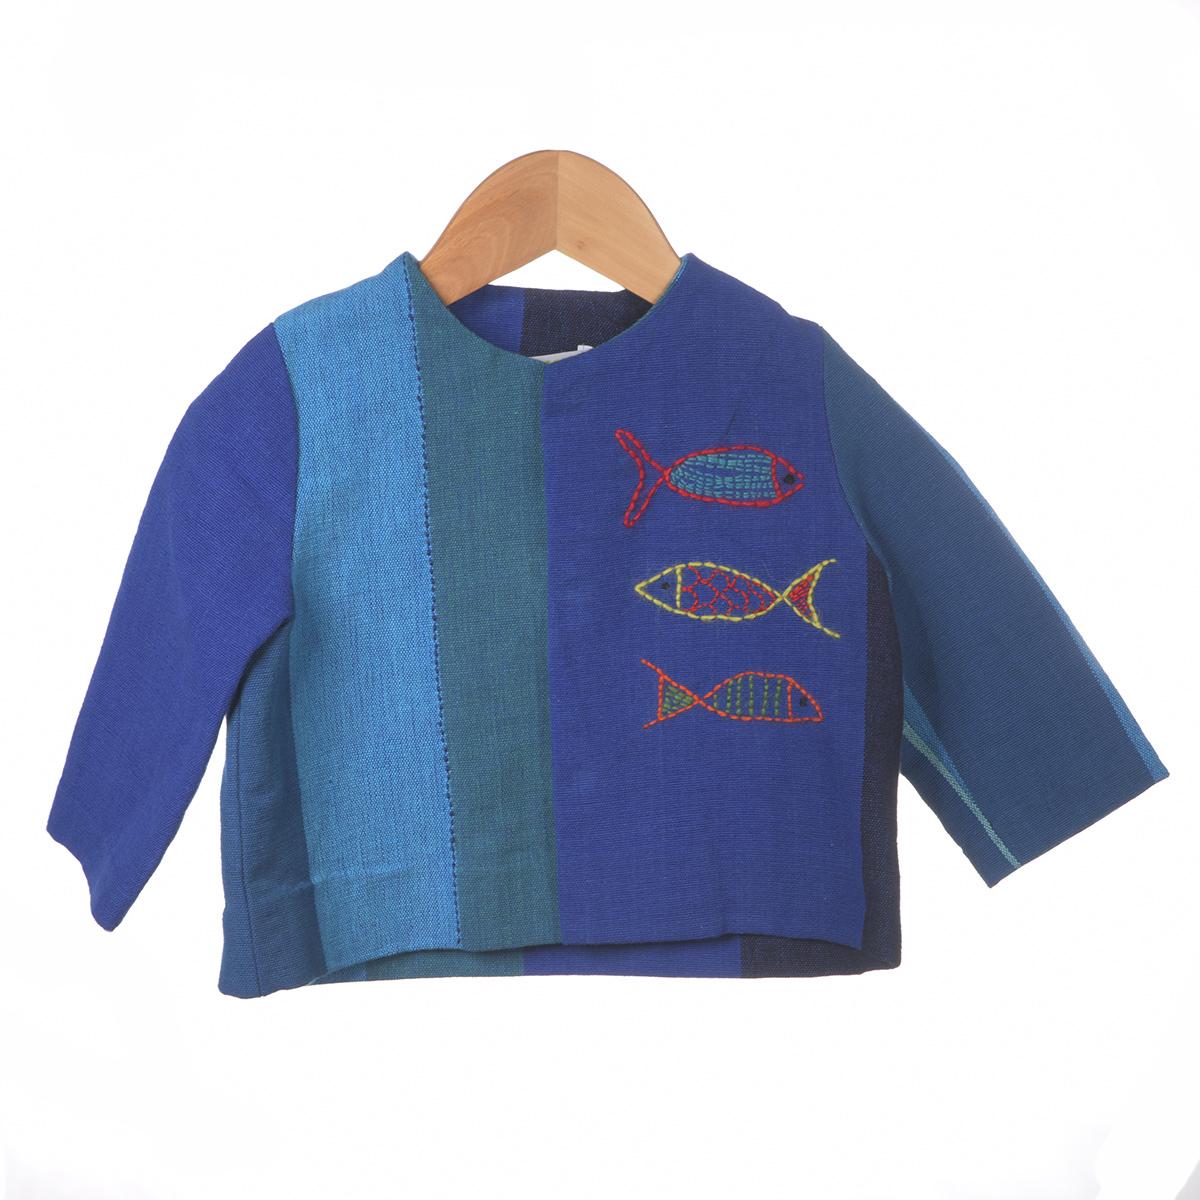 Blauwe vlakken shirt met borduursel visjes, achterzijde